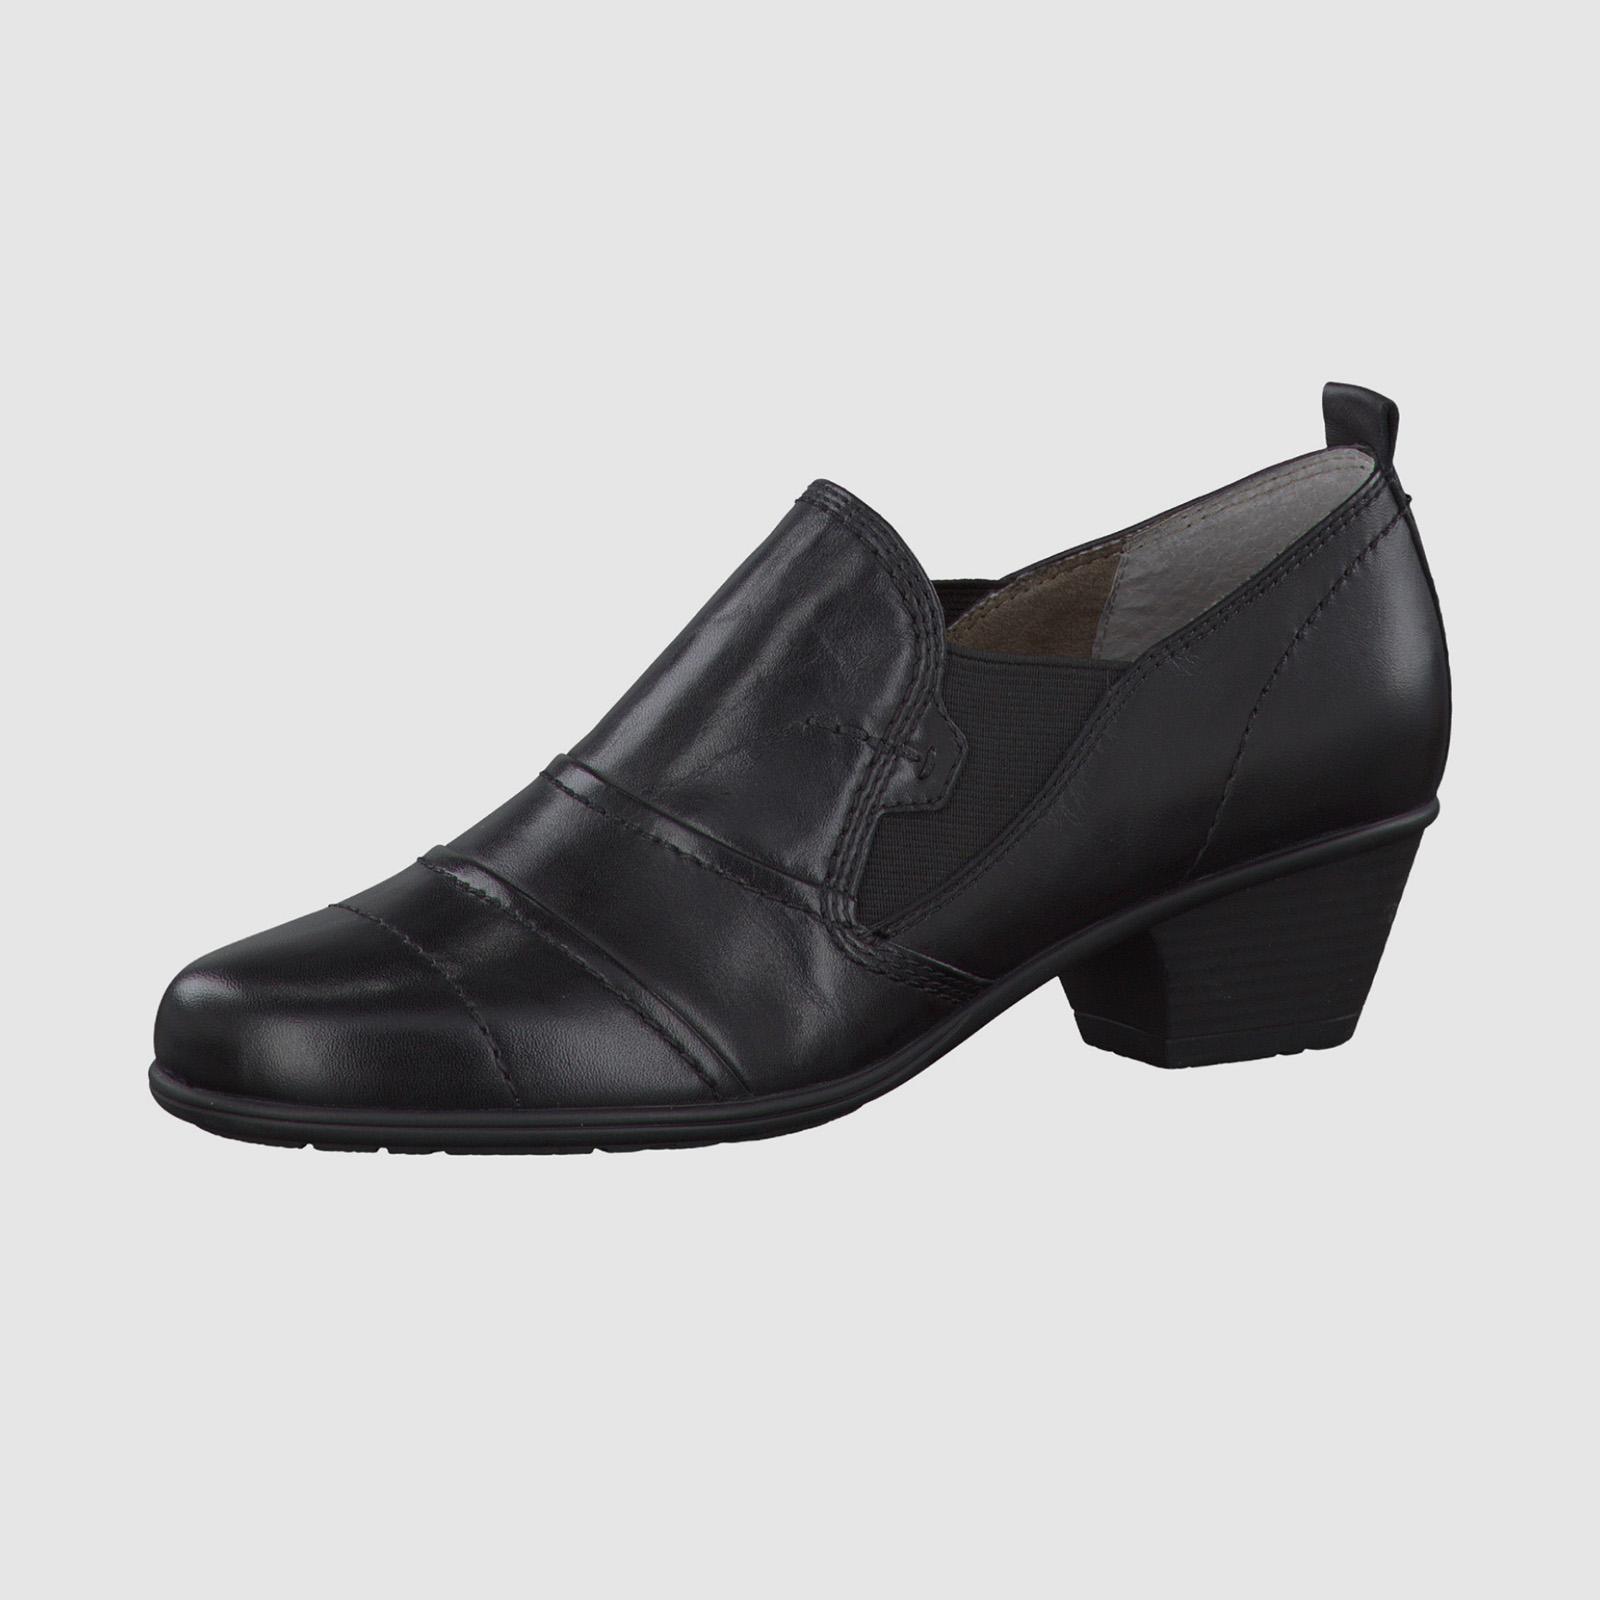 Туфли женские закрытые с эластичной вставкой